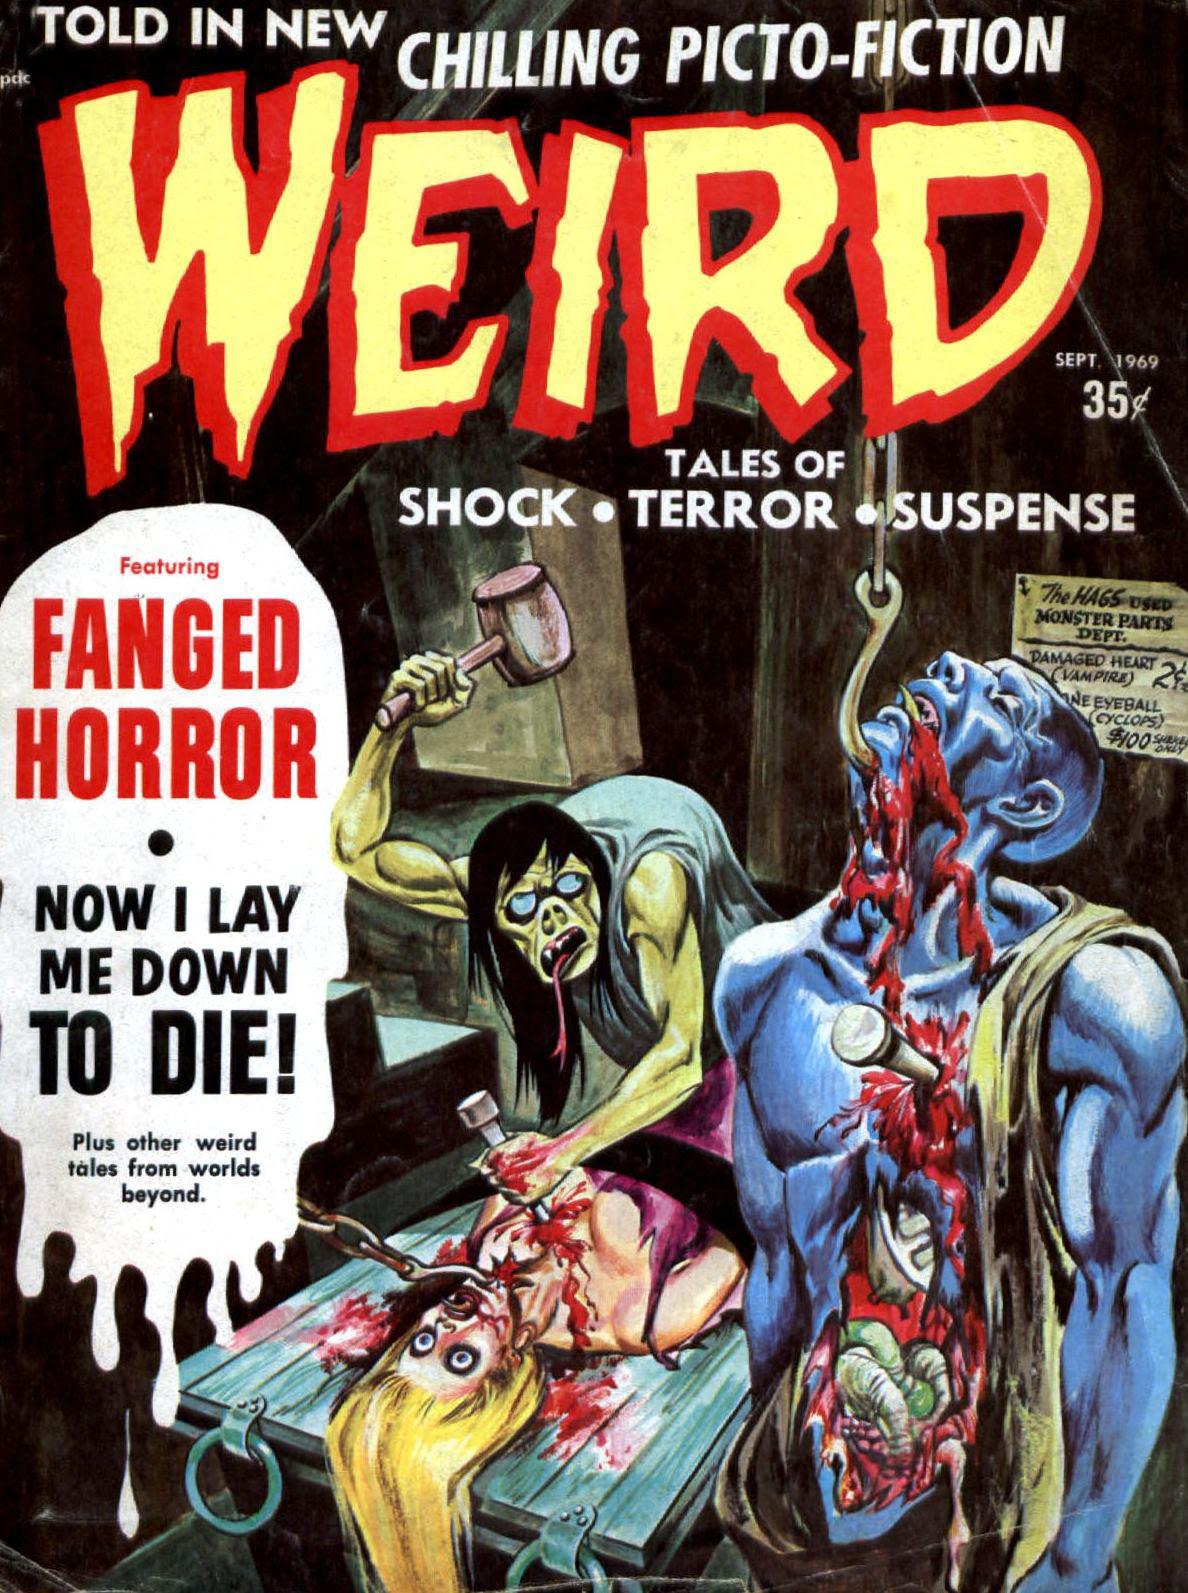 Weird Vol. 03 #4 (Eerie Publications, 1969)